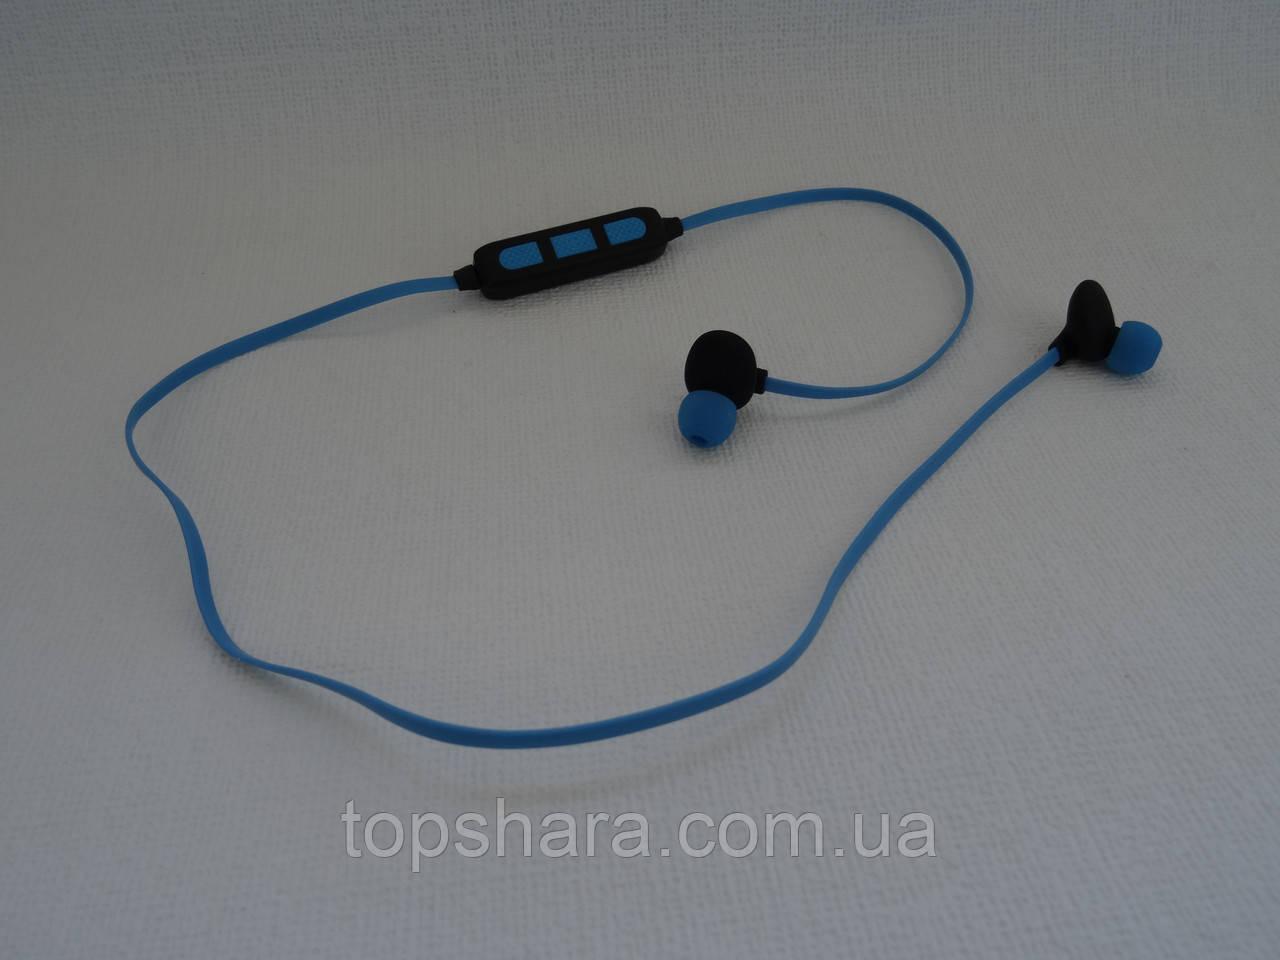 Наушники Bluetooth гарнитура Jabra JD-28 синий